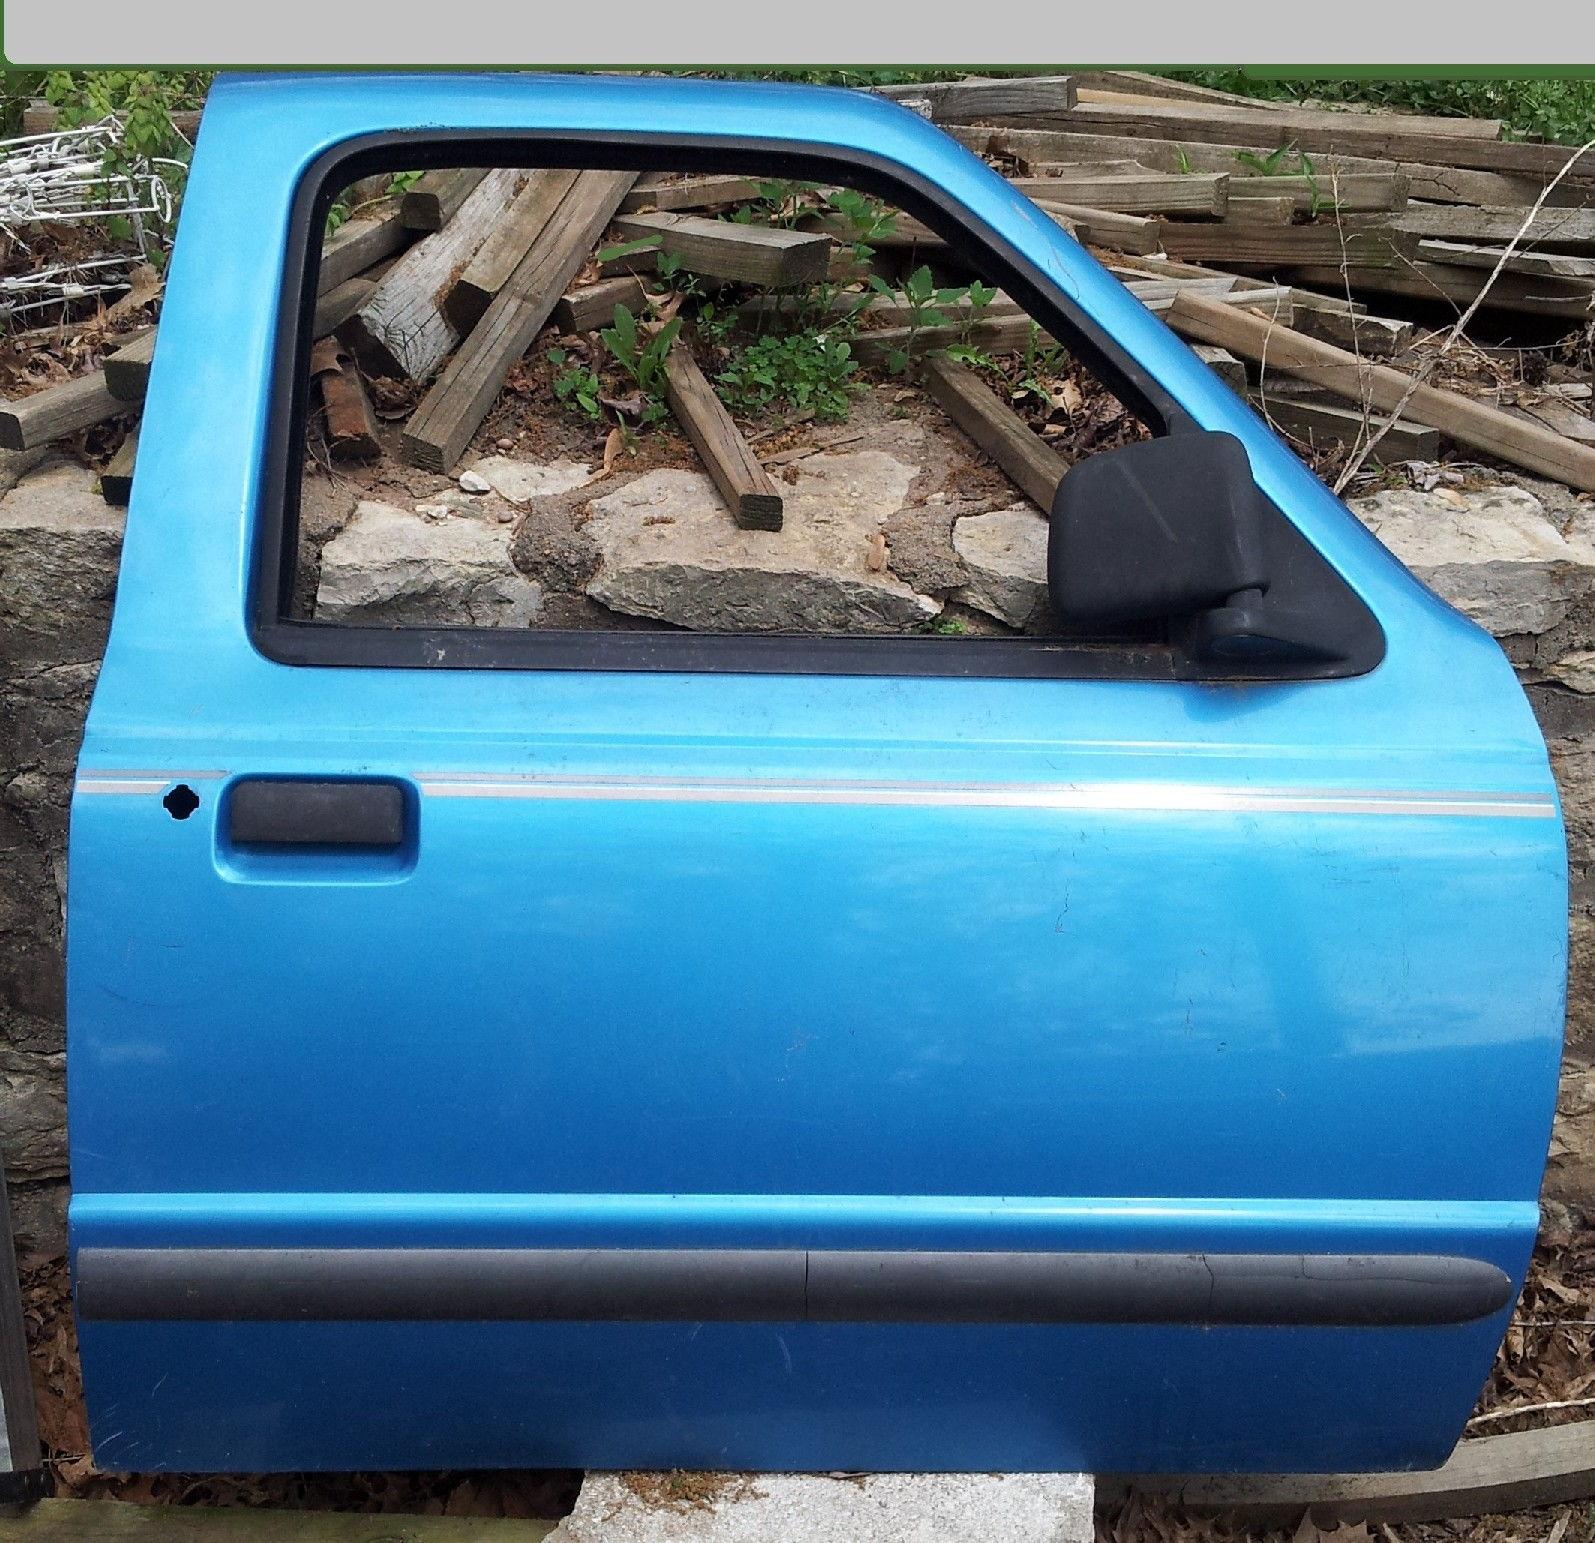 1993-1997 Ford Ranger/Mazda B-Series Passenger Door